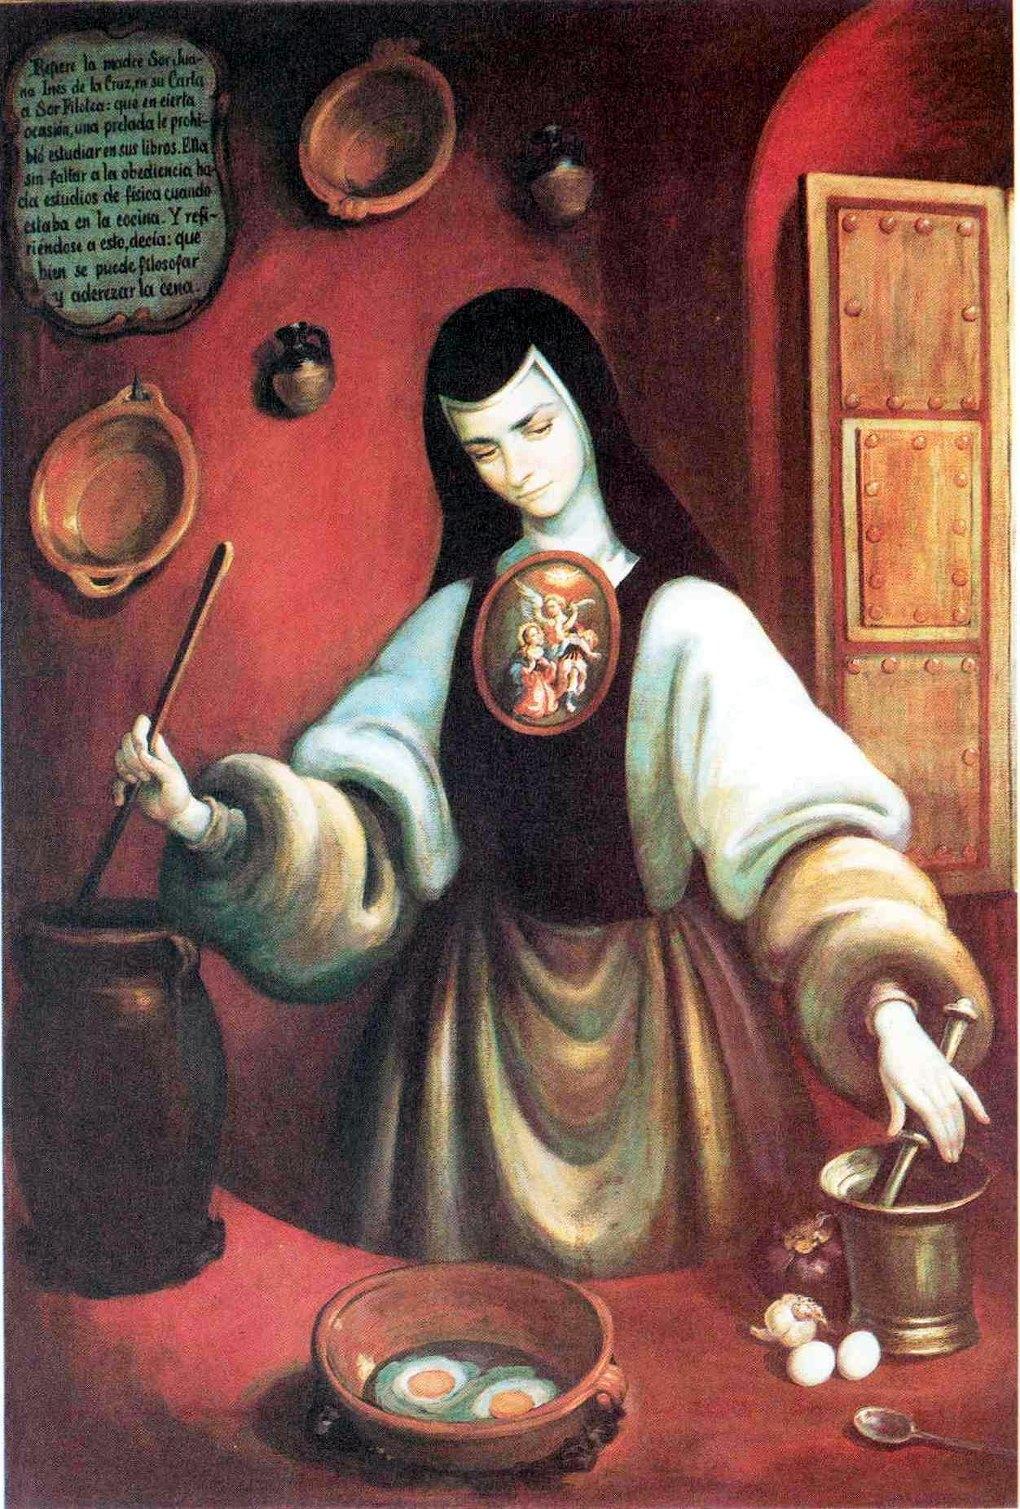 Sor Juana Ines de la Cruz recitas cocina 2